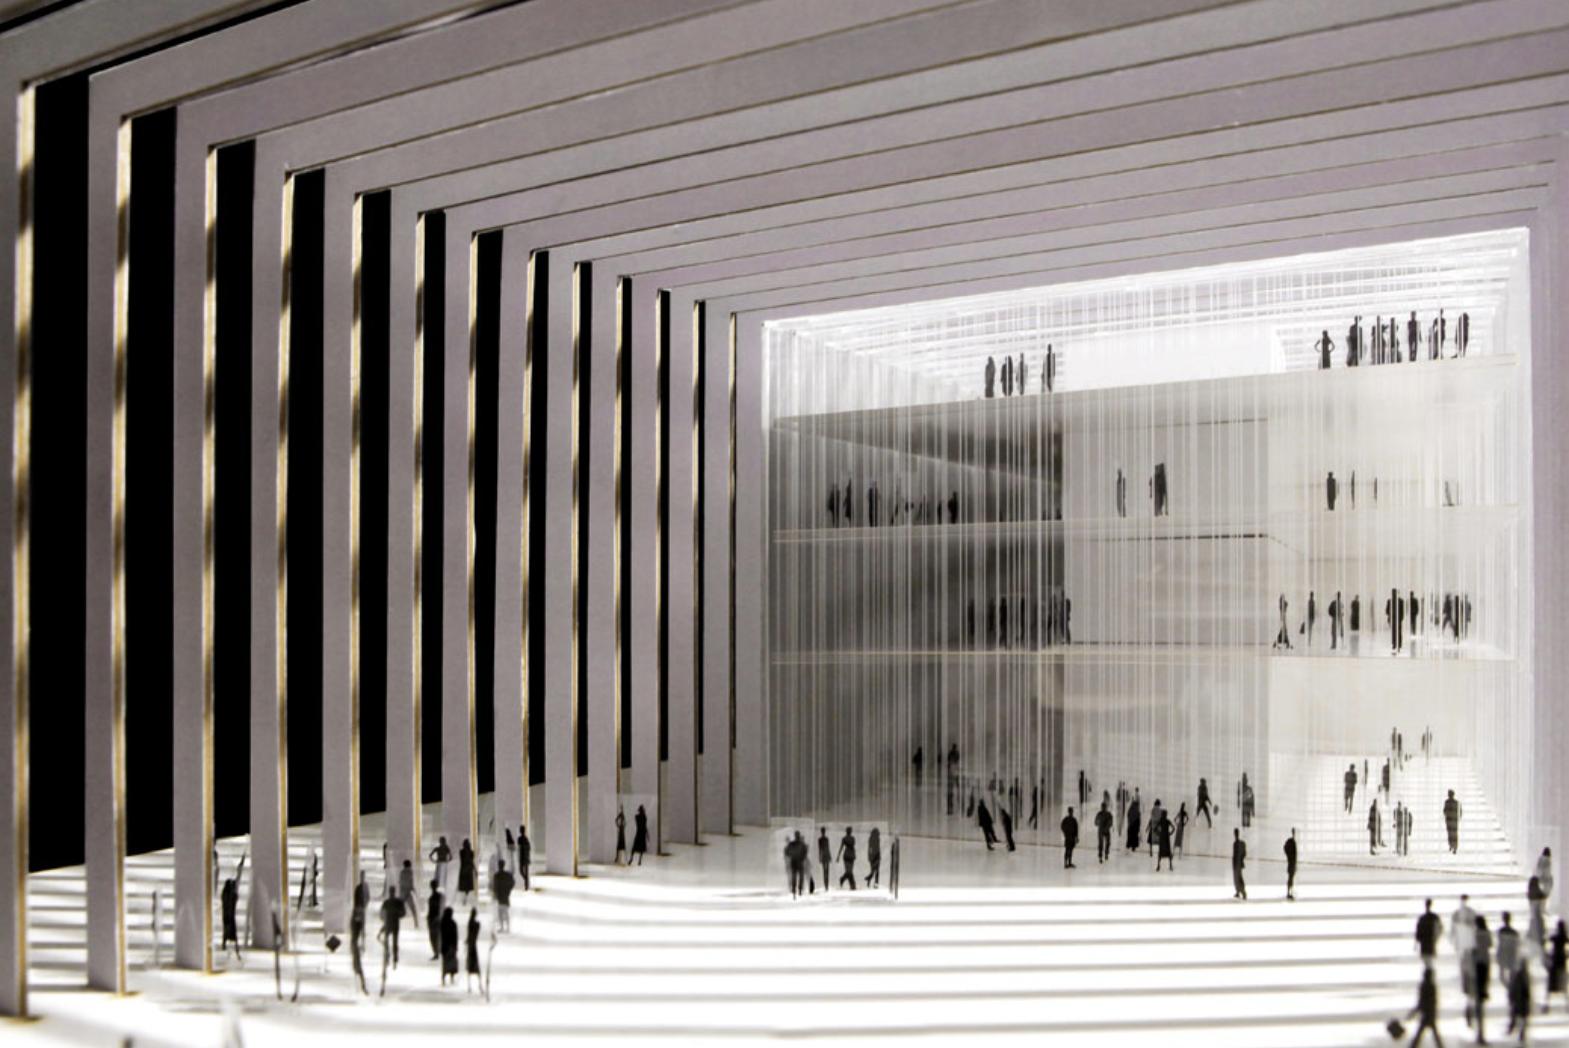 Milano porta nuova he3 di mario cucinella urbanfile blog for Cucinella architects